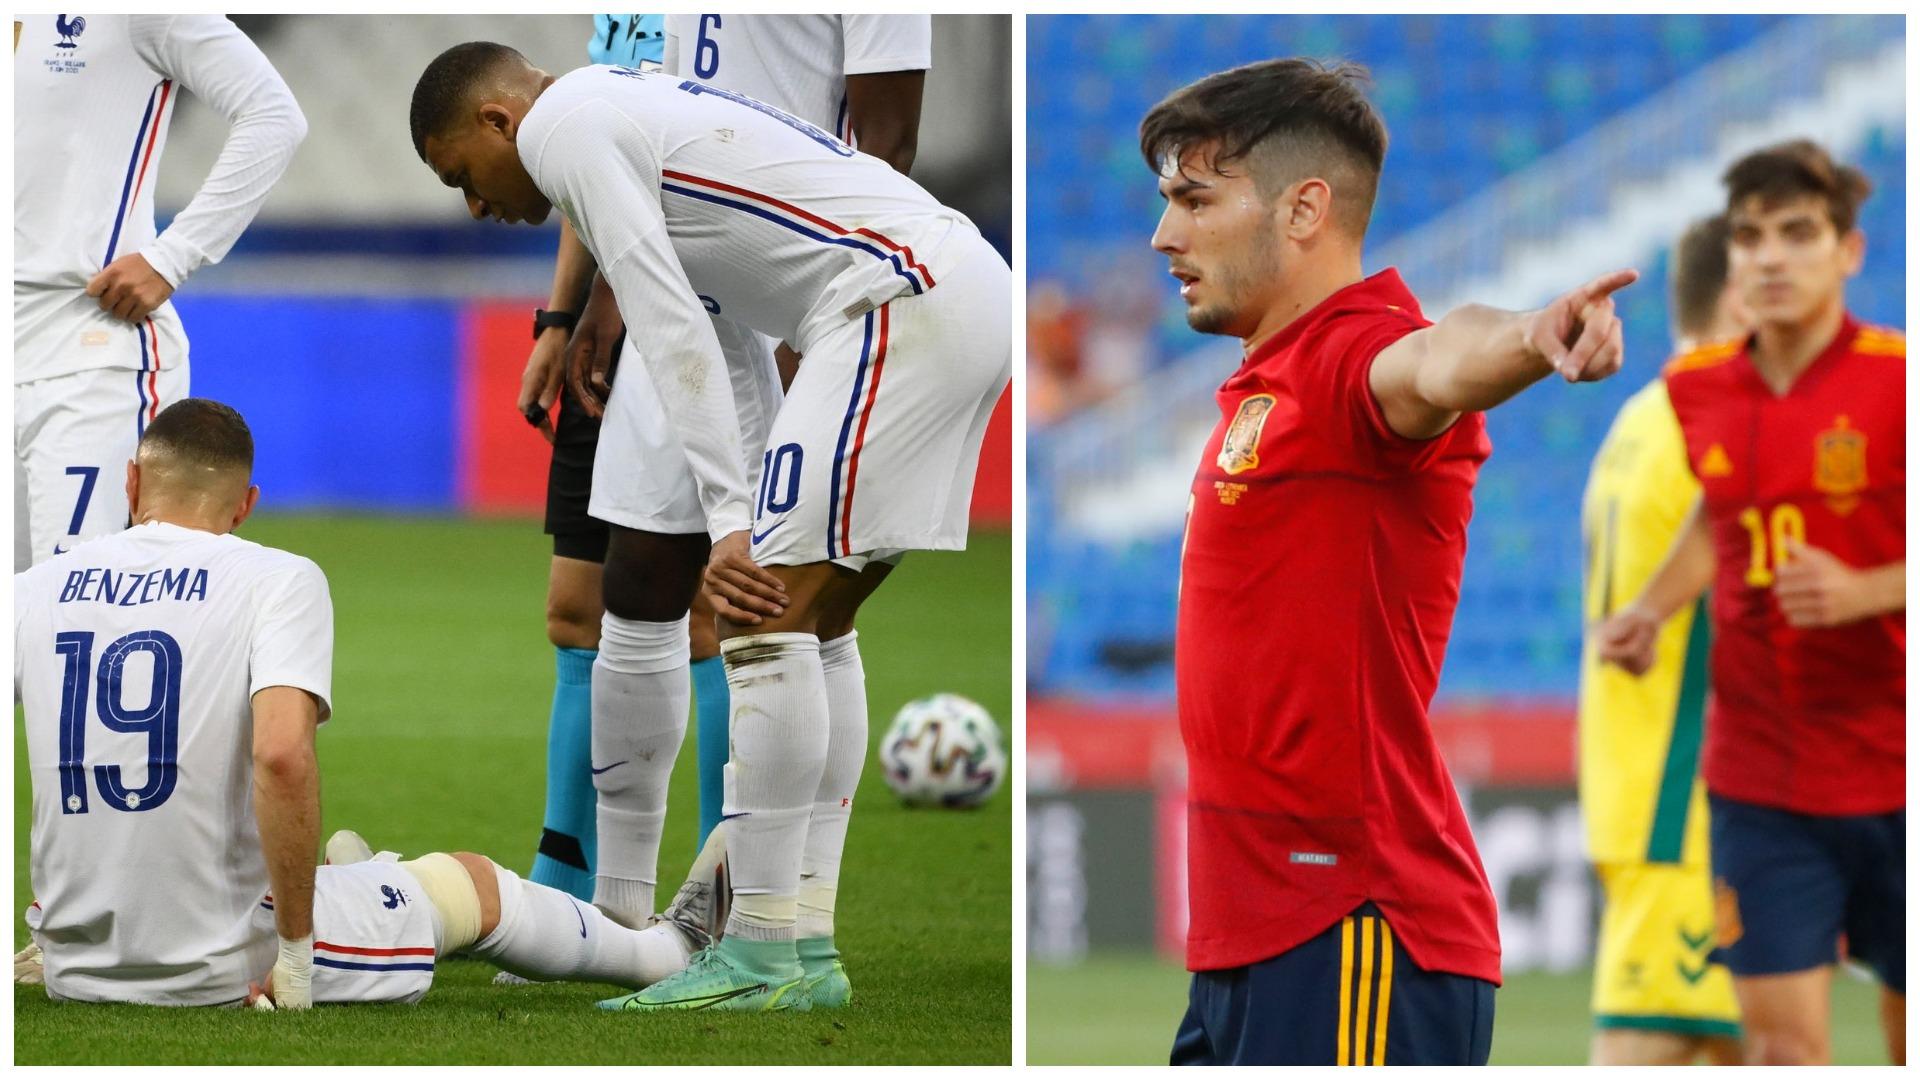 """VIDEO/ Franca bind ndaj Bullgarisë, por humb Benzema. """"Fëmijët"""" e Spanjës janë """"zjarr"""""""